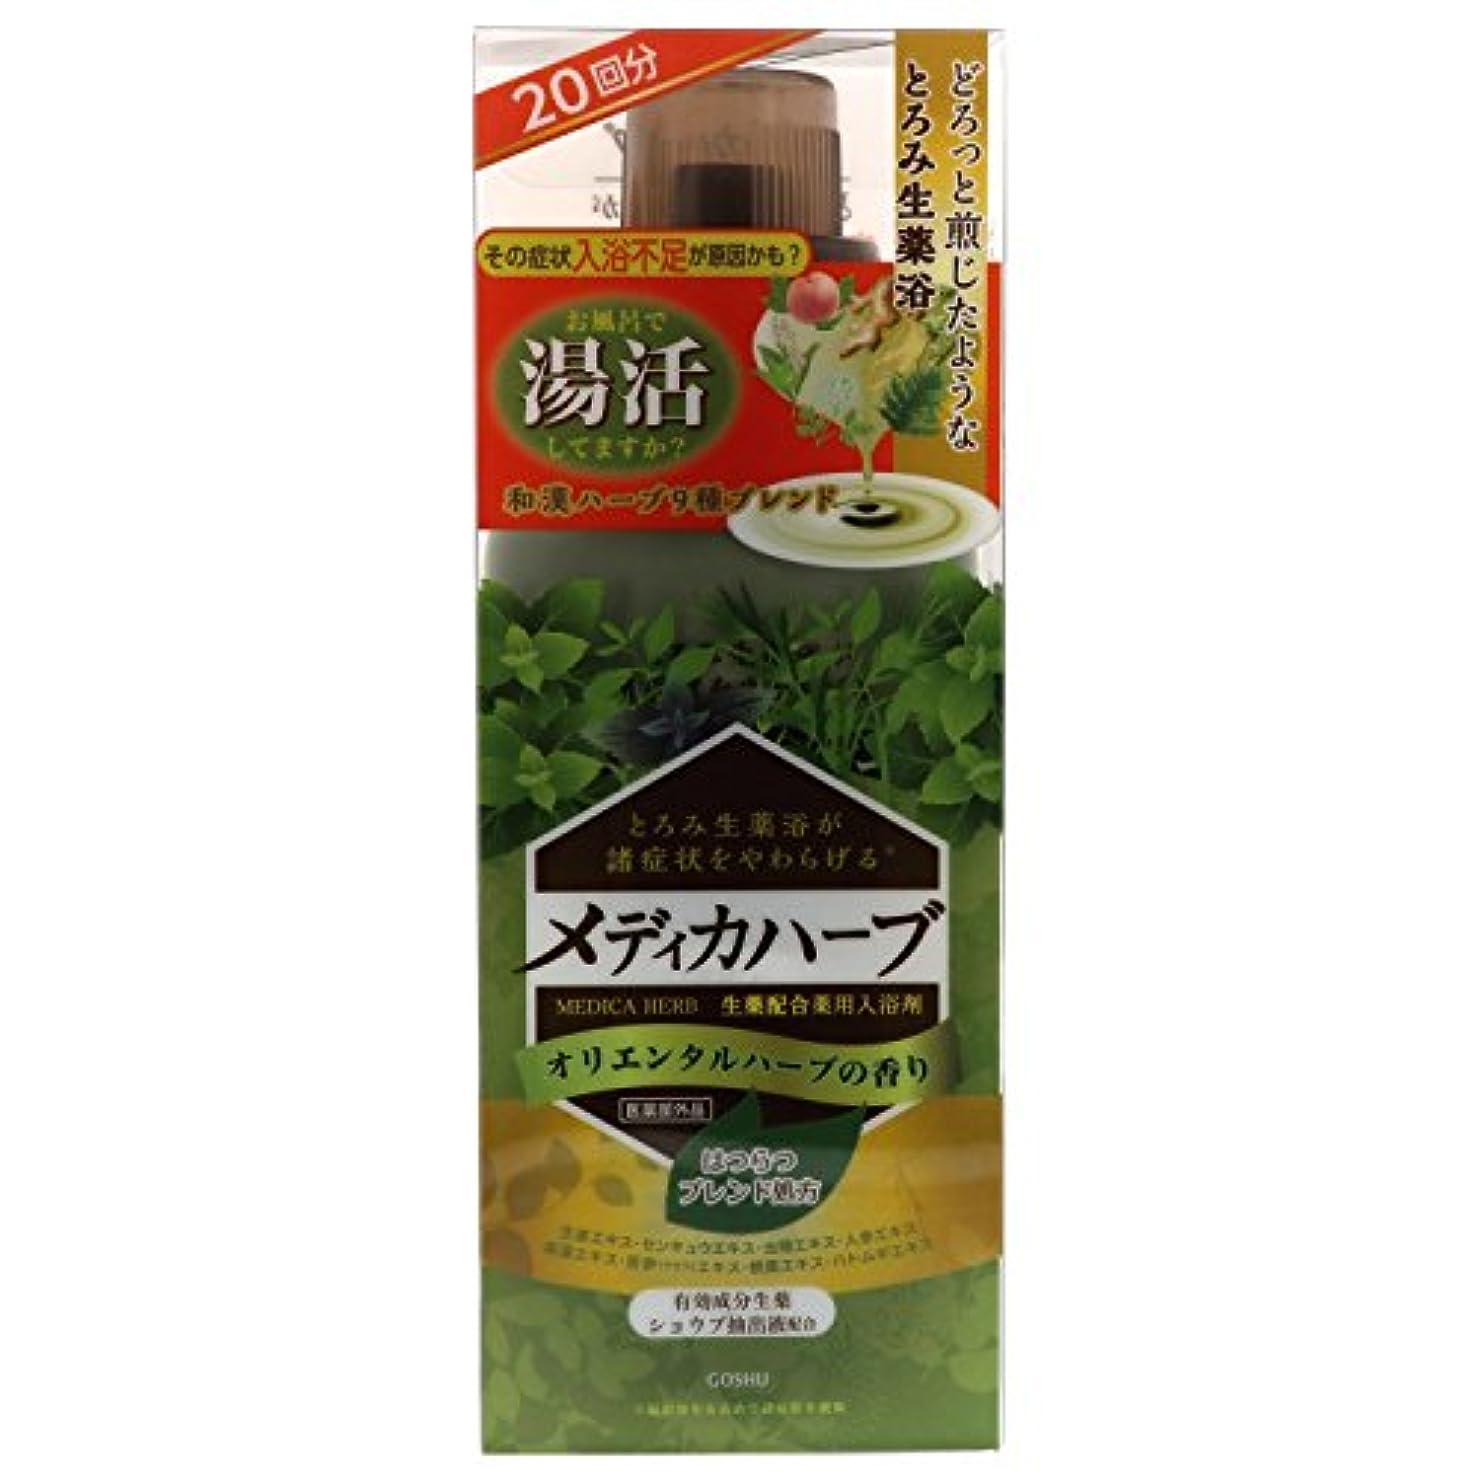 アロング桁気づかないメディカハーブ オリエンタルハーブの香り 400ML(20回分) [医薬部外品]